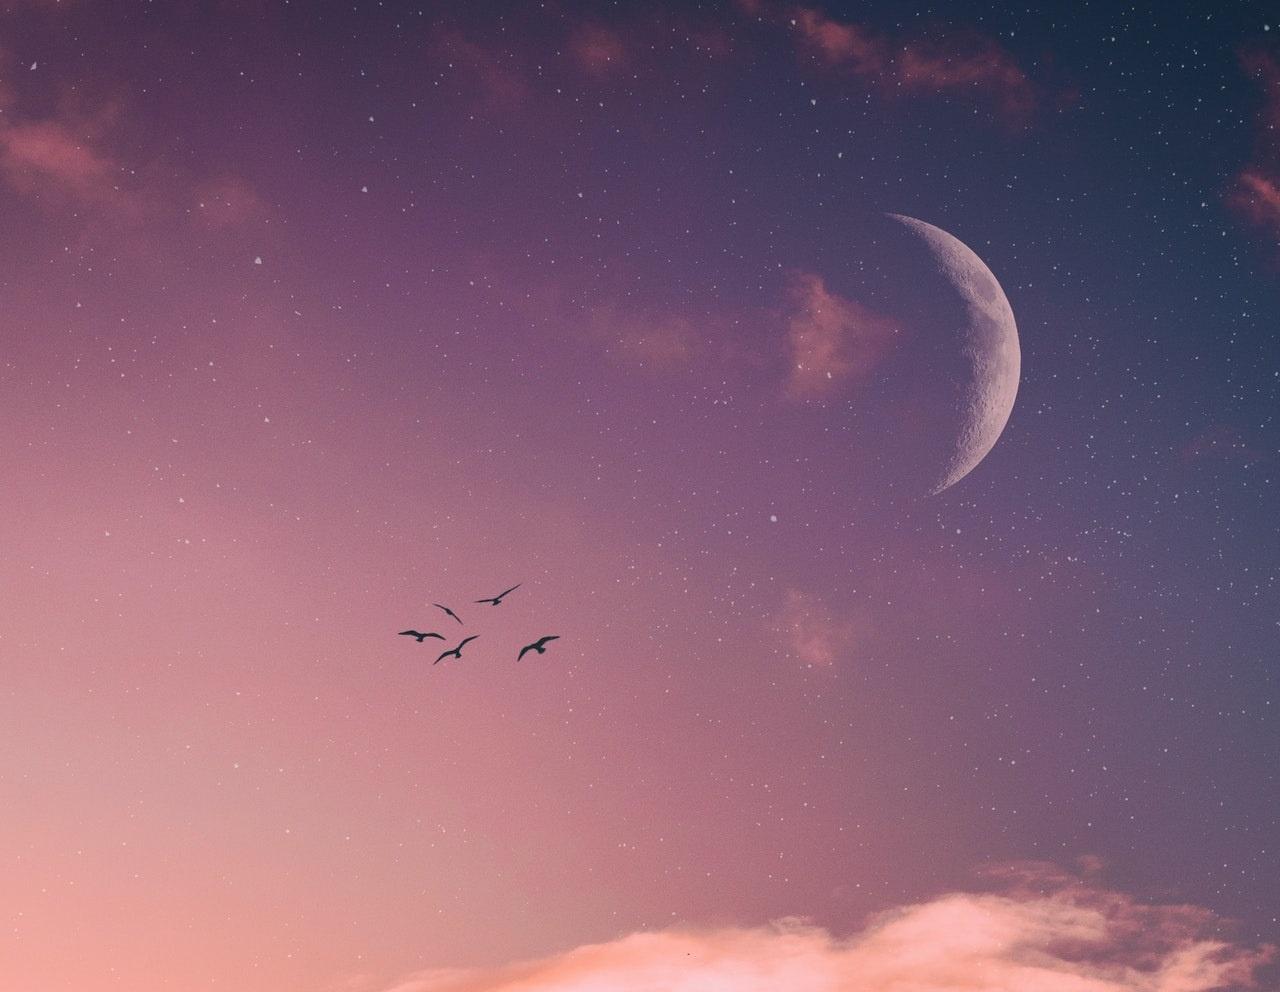 Na koga će najviše utjecati Mlad Mjesec u Lavu?